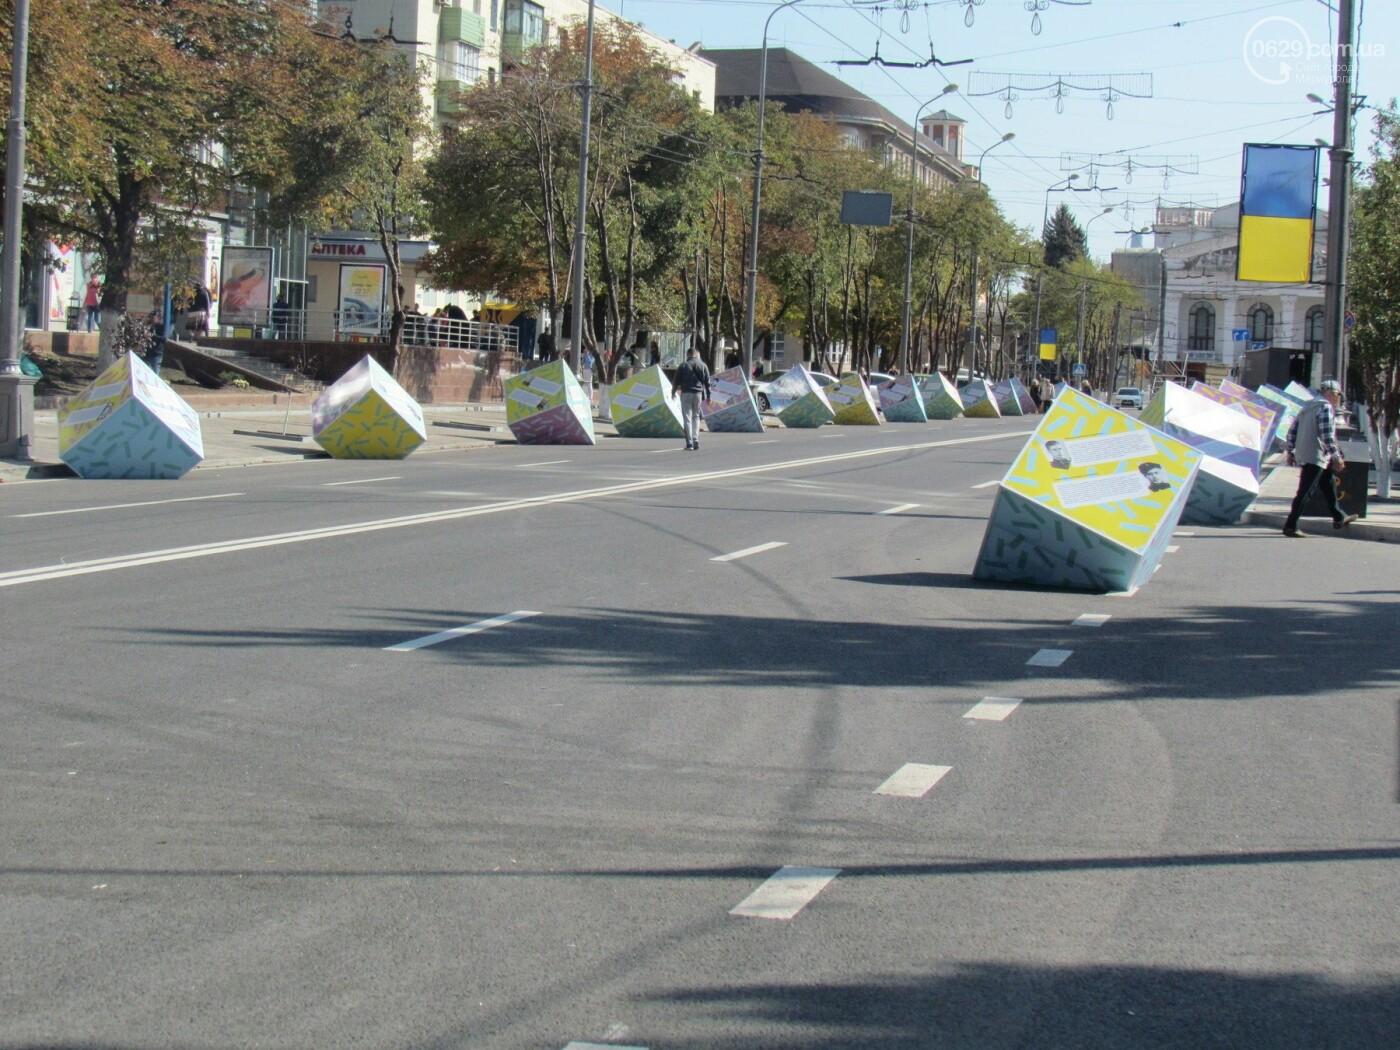 День города. Как выглядит Мариуполь после праздника, - ФОТО, фото-1